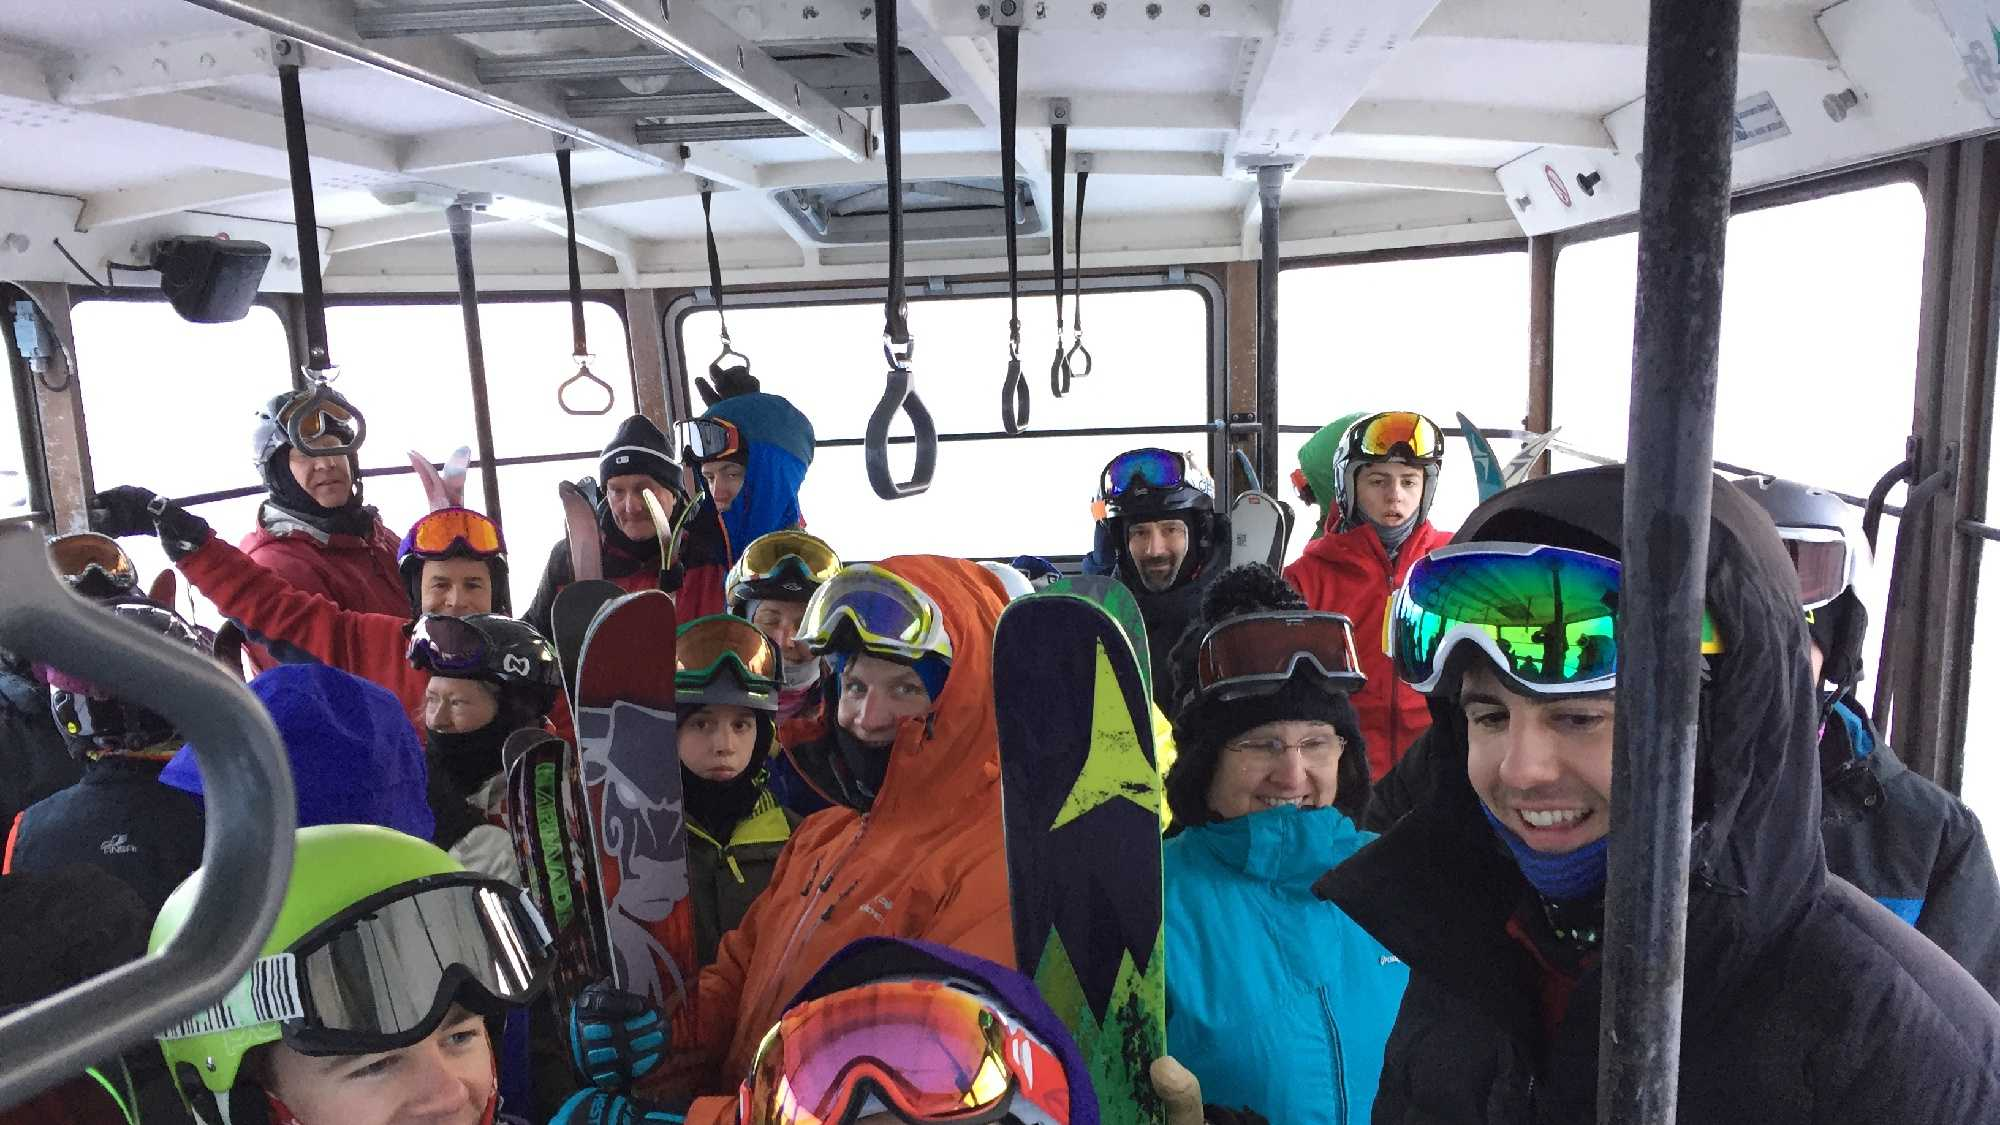 Inside Cannon Mountain stuck tram 0214.JPG